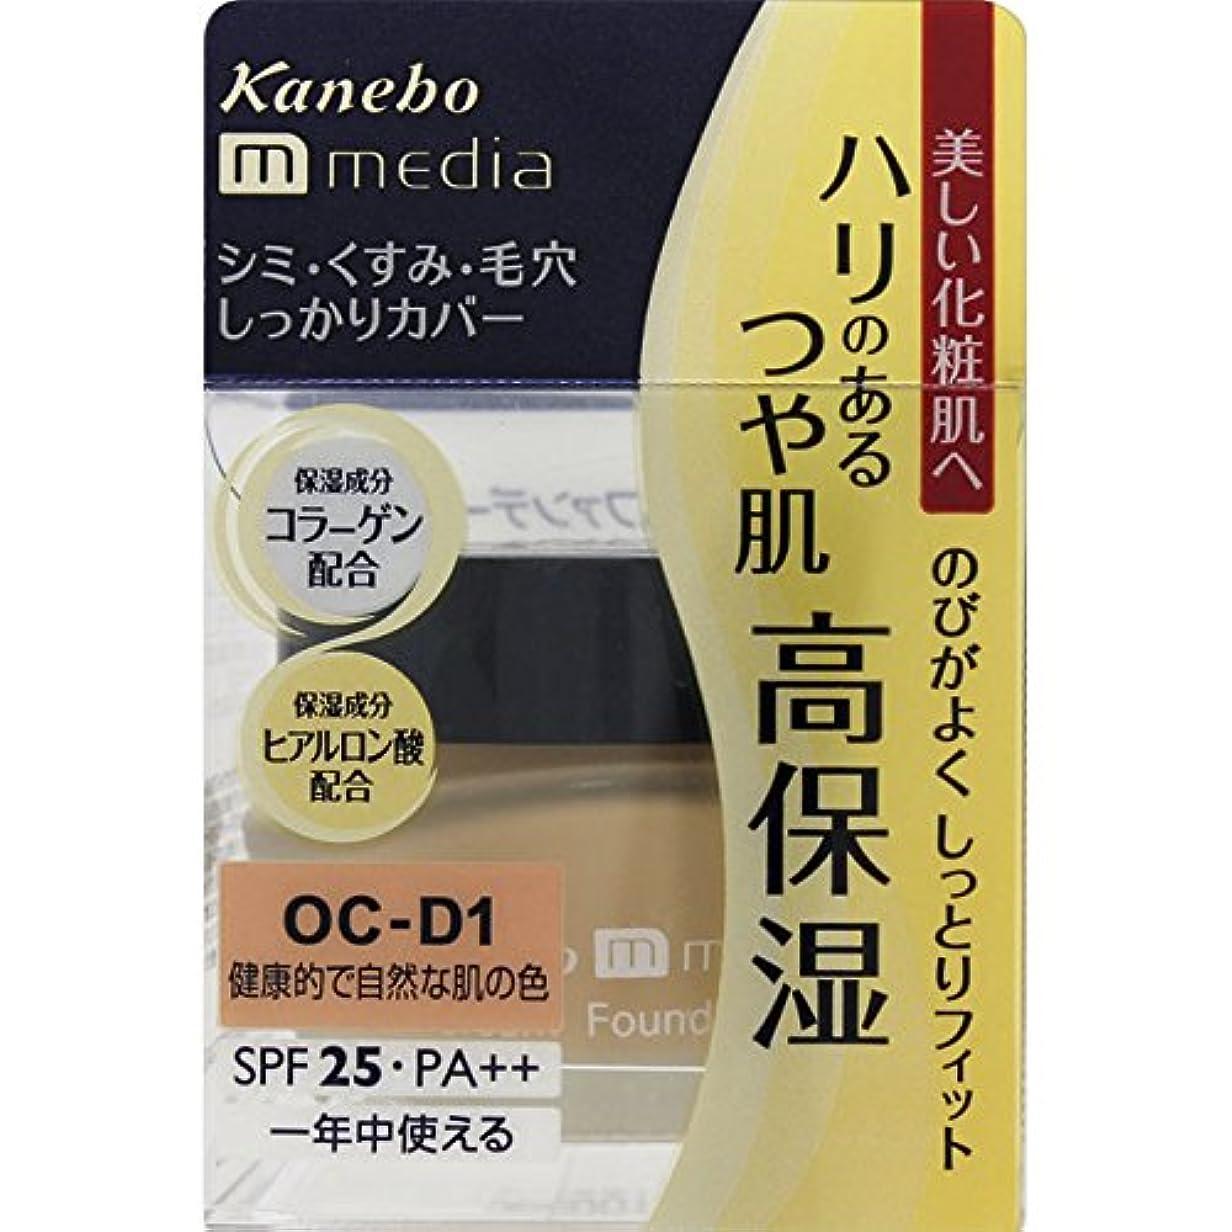 開発する憤る思慮深いカネボウ化粧品 メディア クリームファンデーション 健康的で自然な肌の色 OC-D1